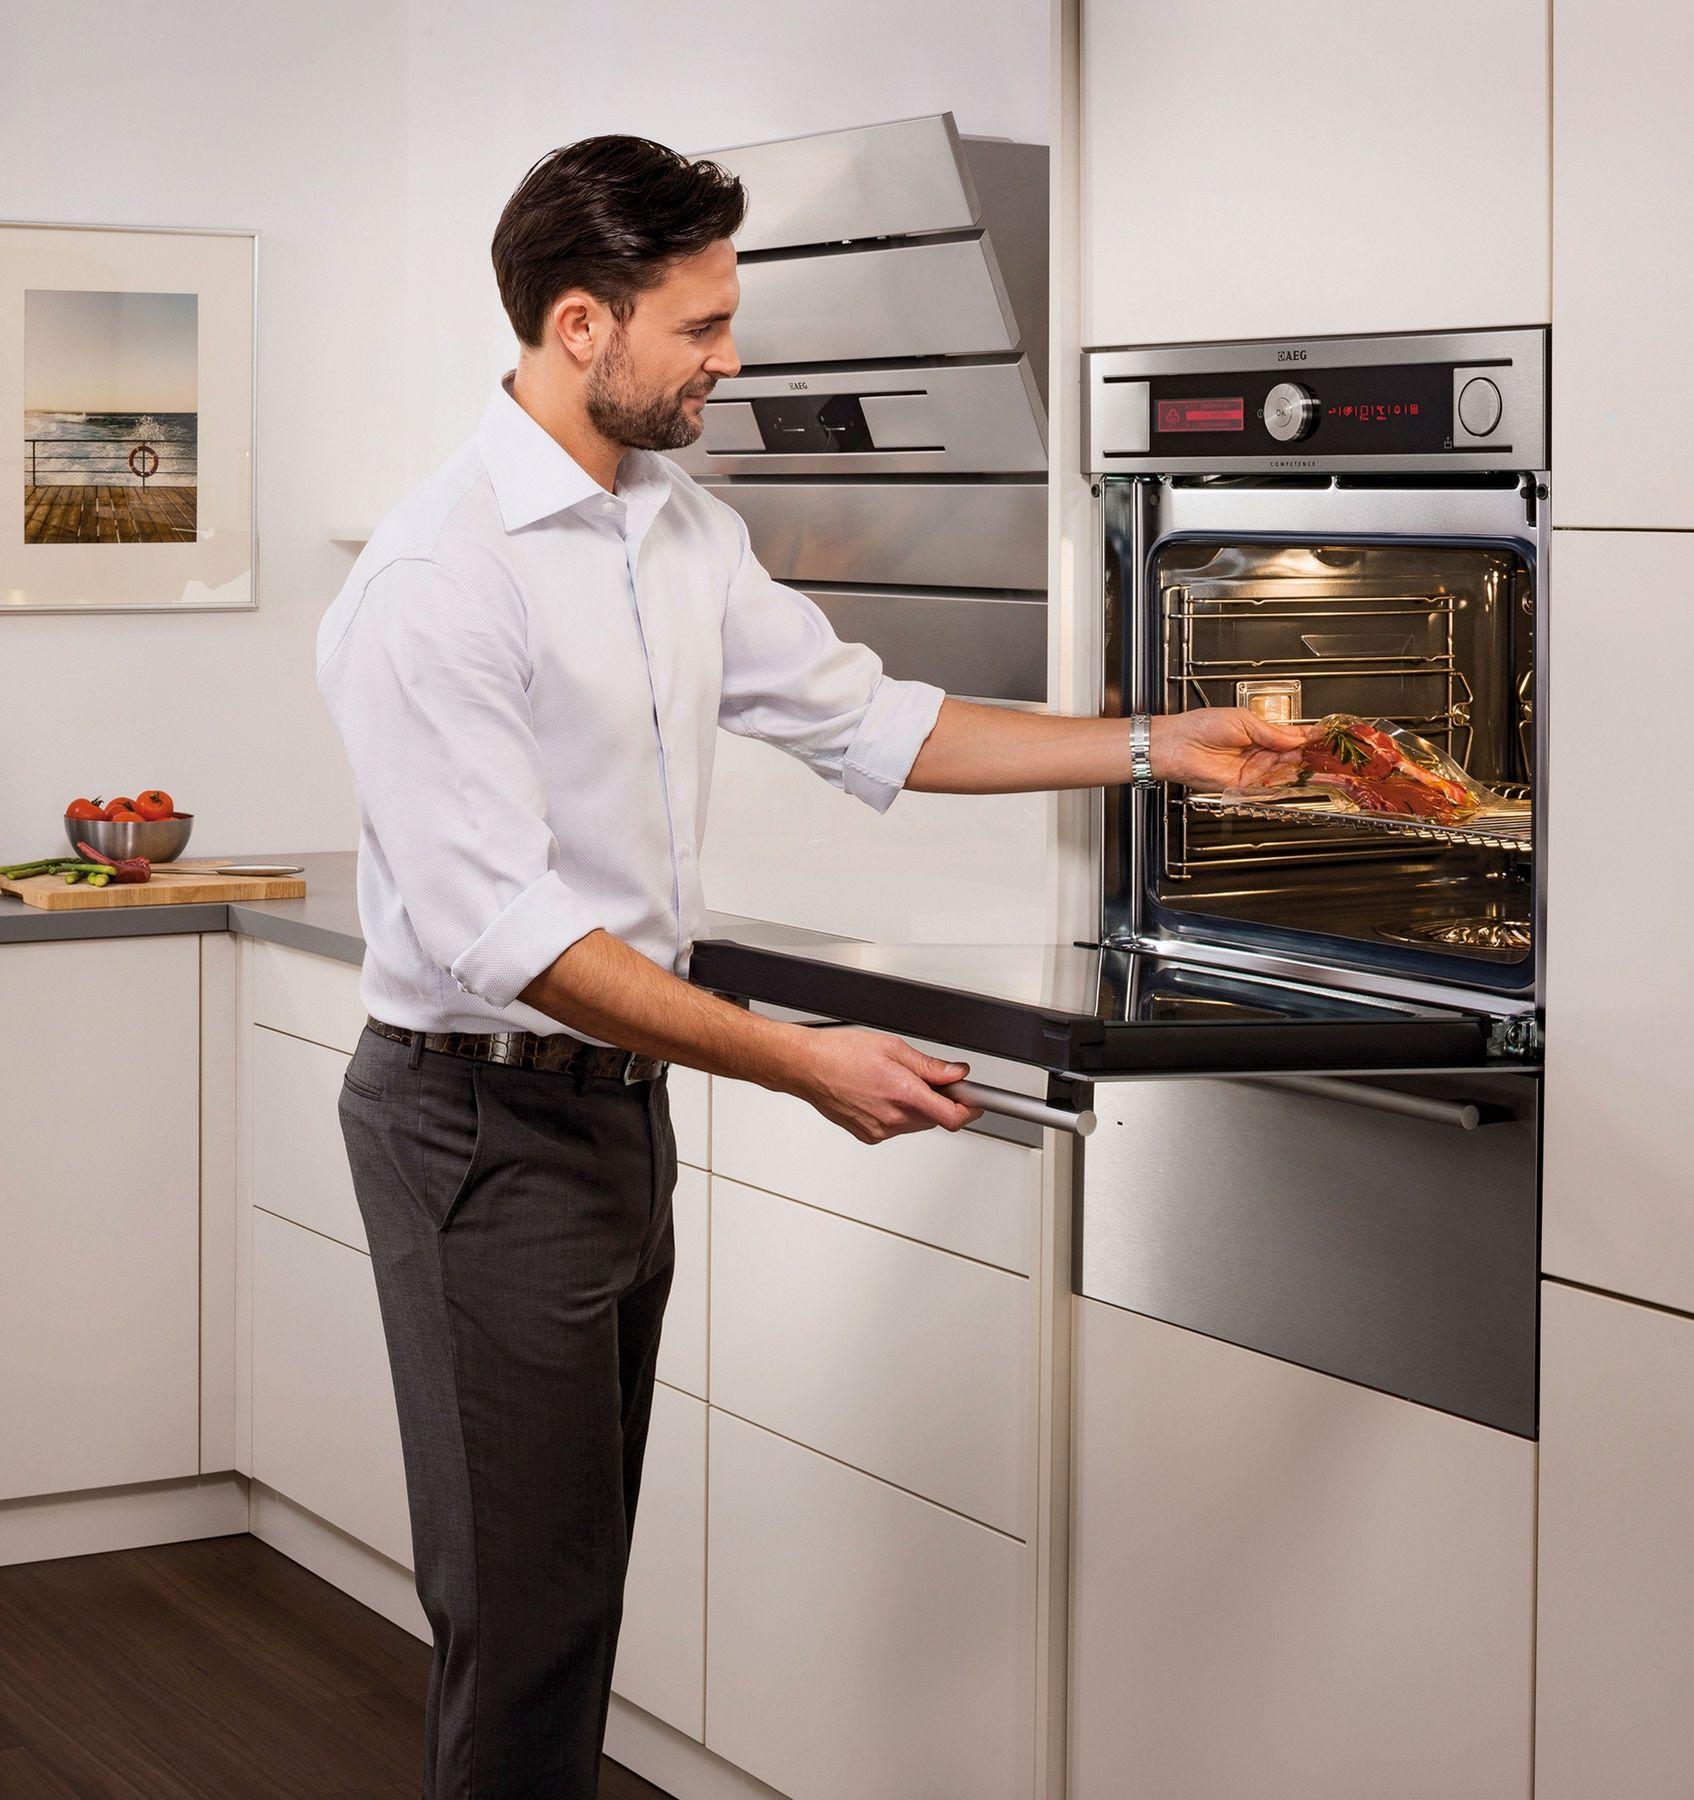 Full Size of Möbelix Küchen Elektro Gerte Service Zubehr Mmakchen Online Shop Regal Wohnzimmer Möbelix Küchen